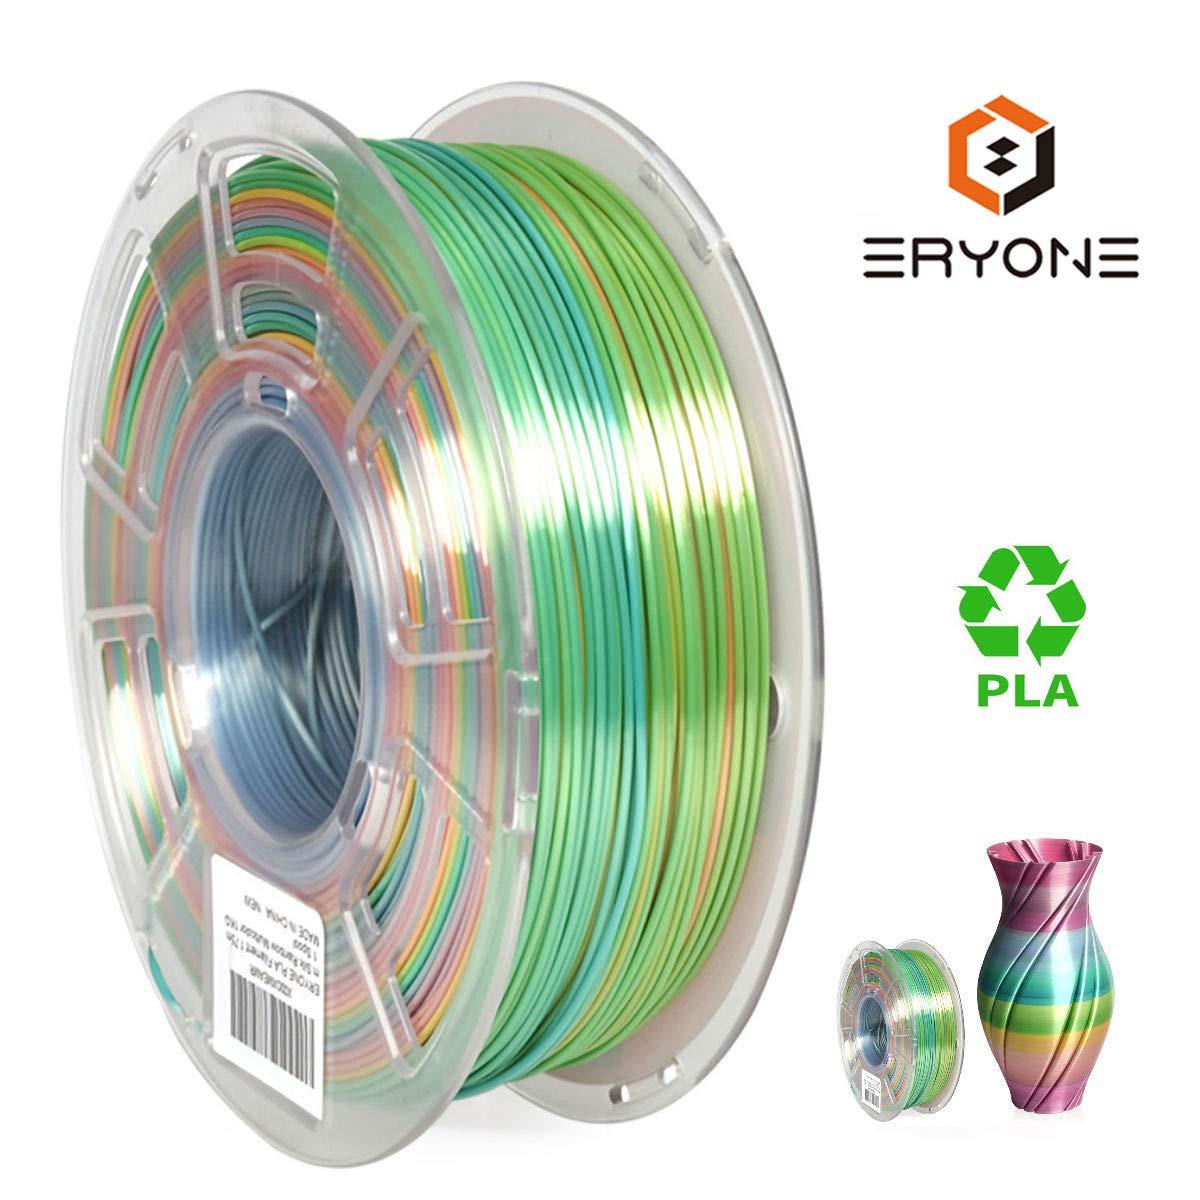 Filamento PLA de 1,75 mm, multicolor, filamento multicolor ERYONE ...